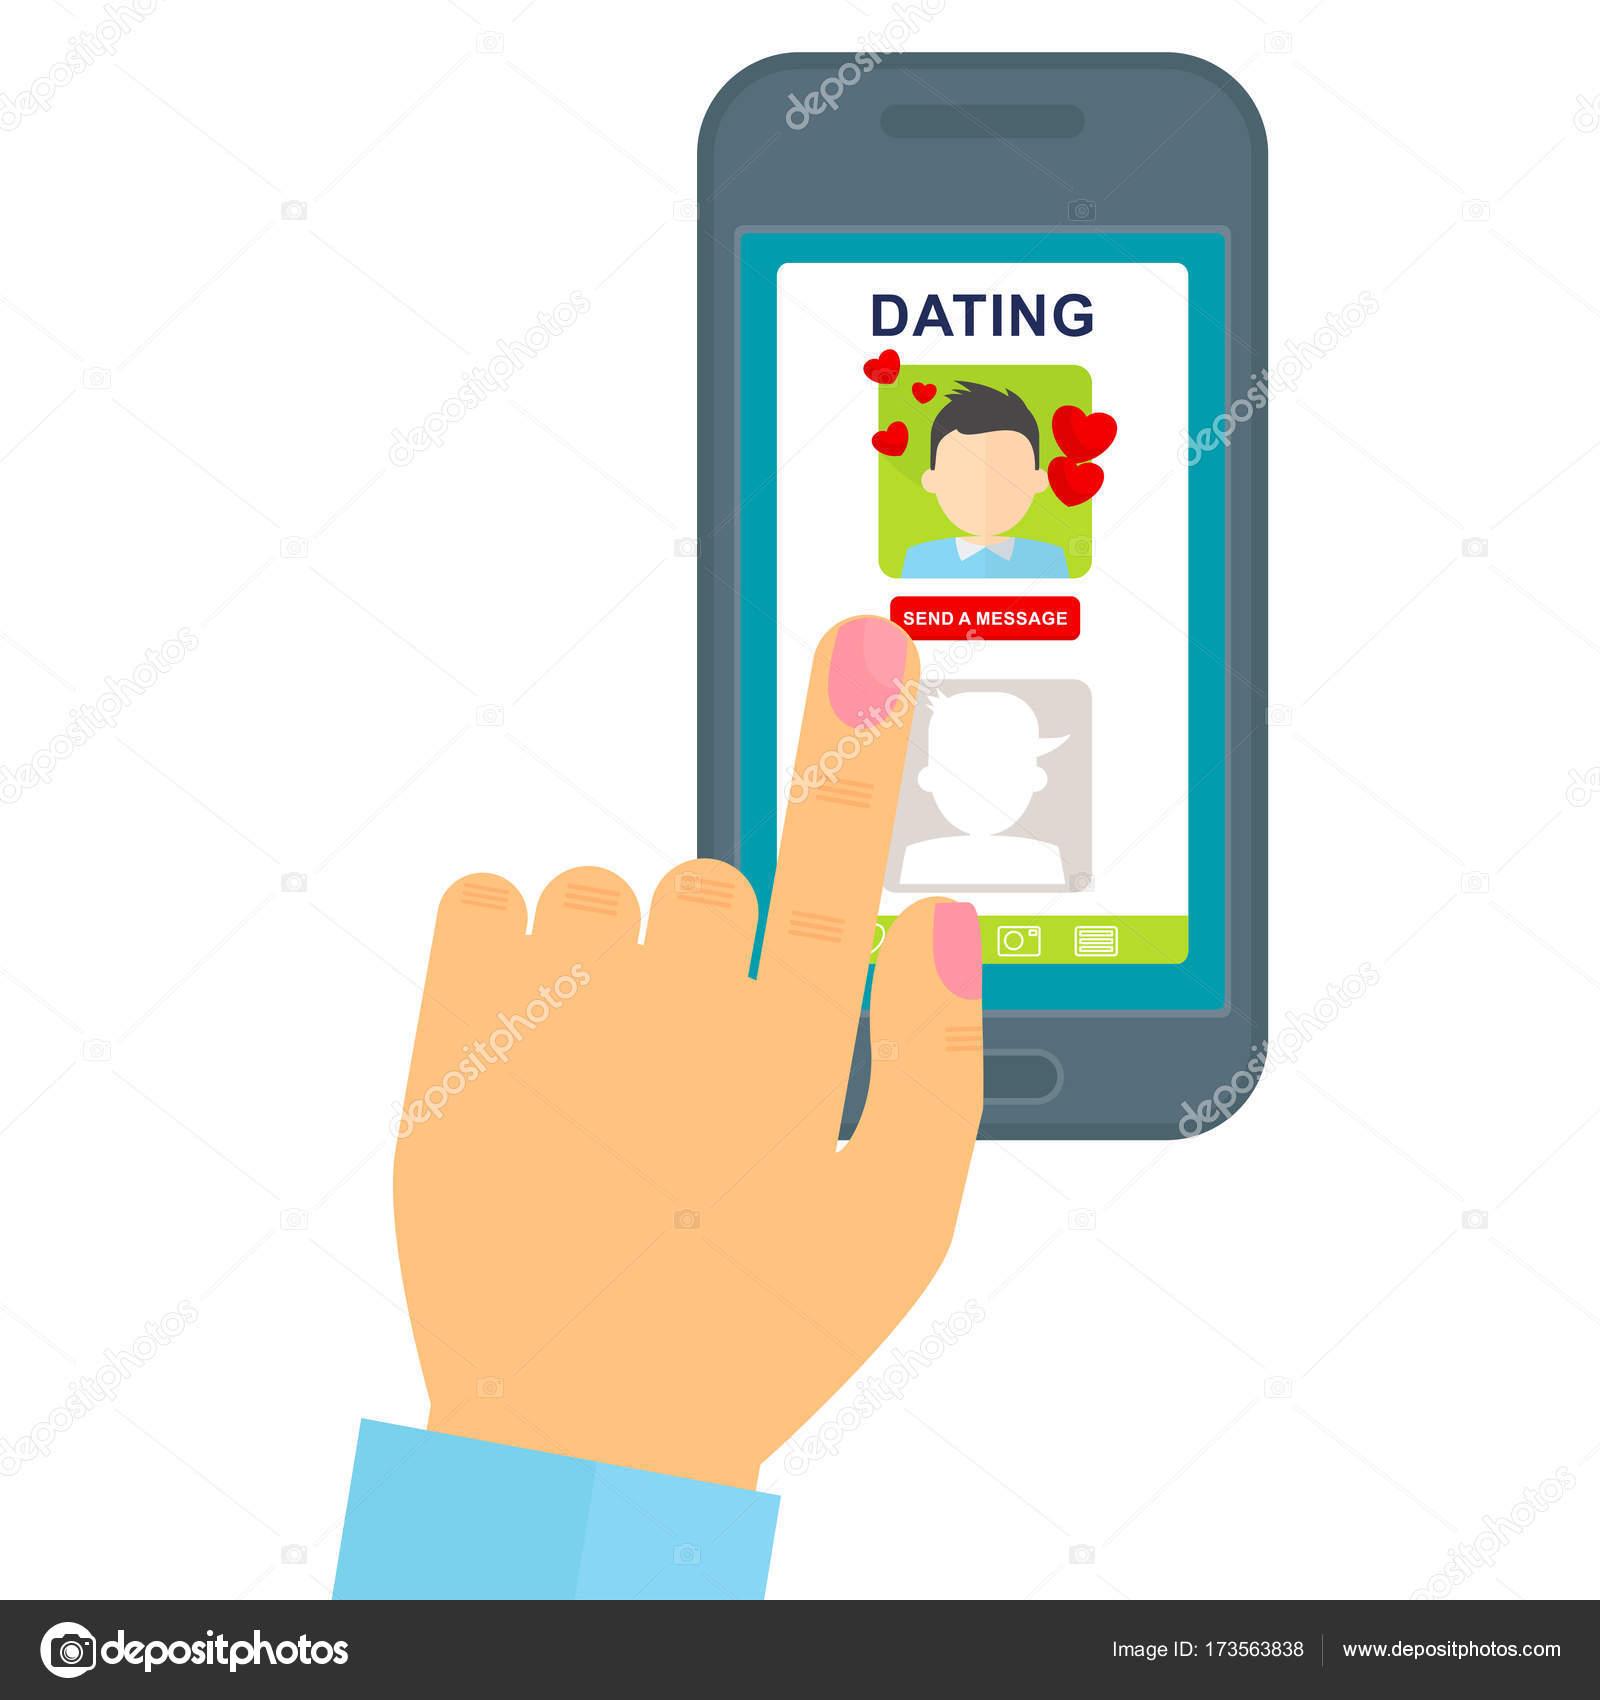 Oshawa dating service